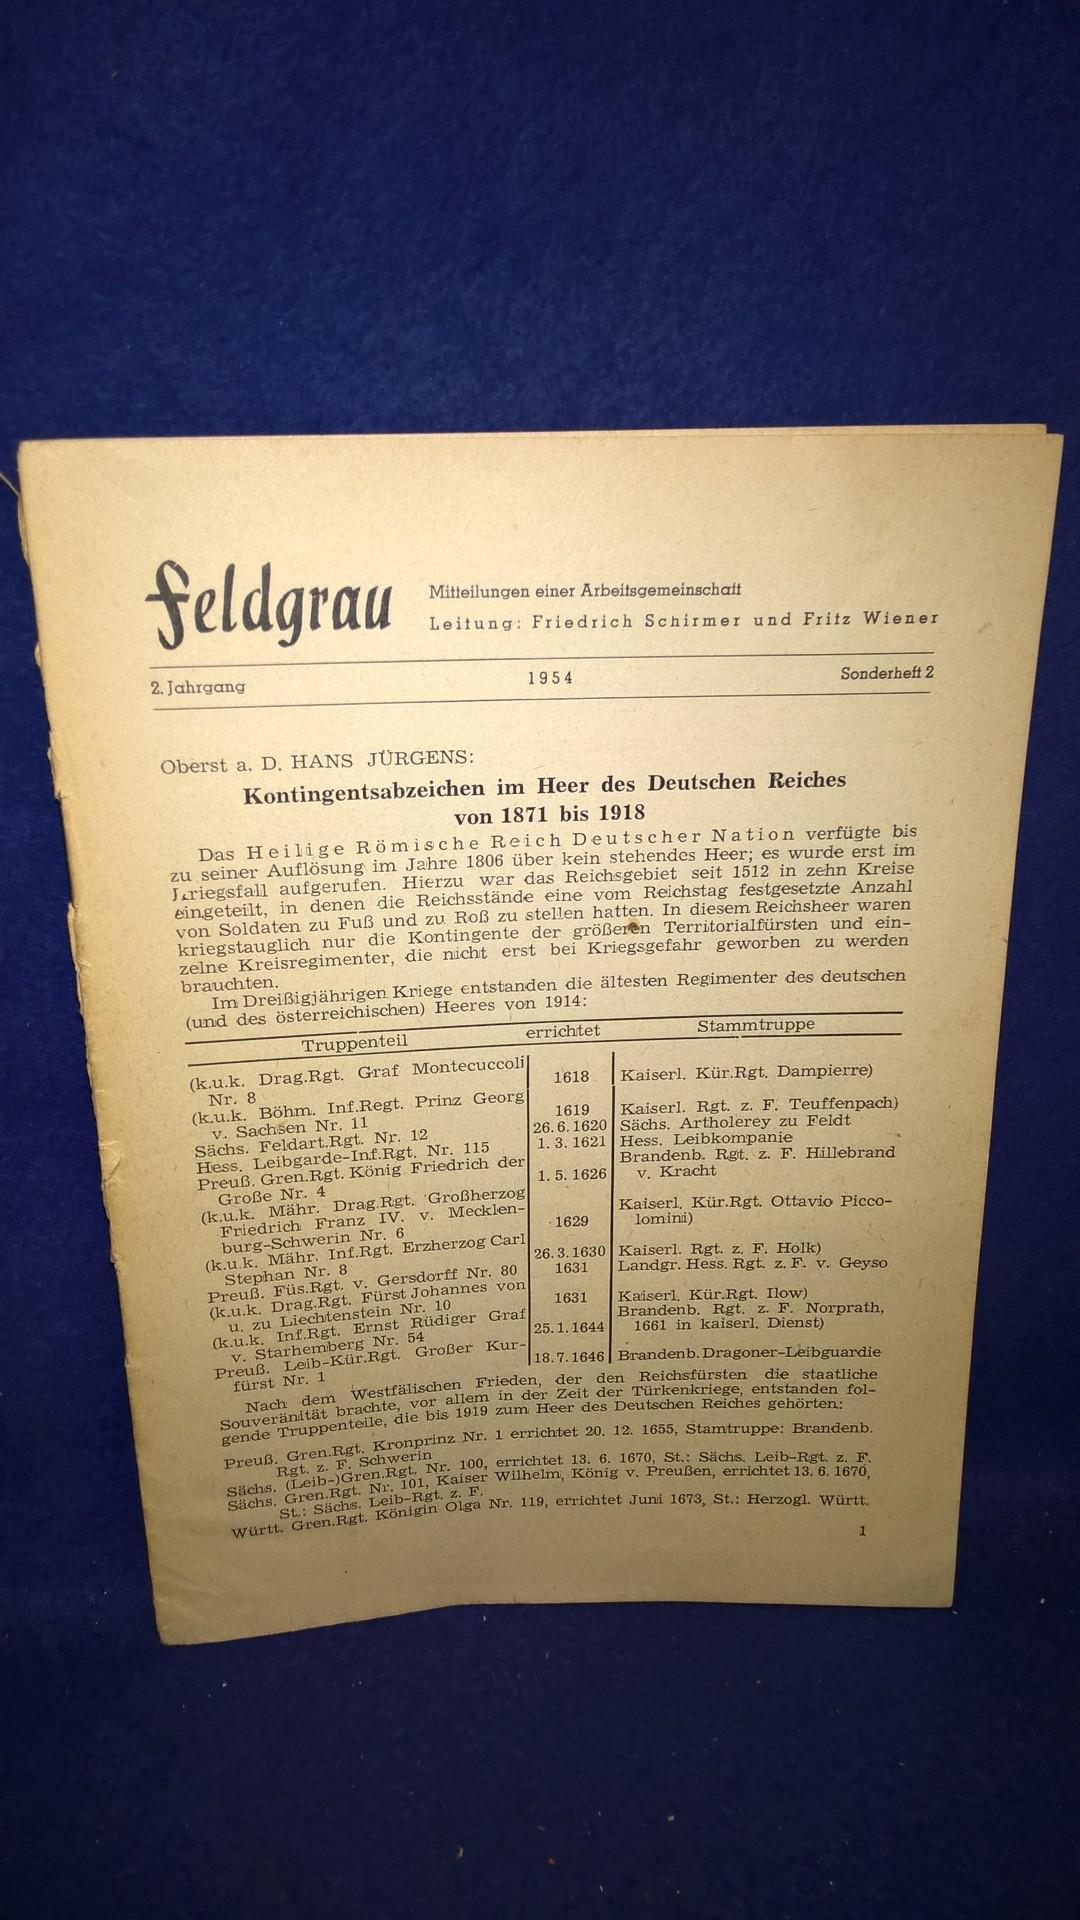 Feldgrau. Mitteilungen einer Arbeitsgemeinschaft. Sonderheft 2: Kontigentsabzeichen im Heer des Deutschen Reiches von 1871-1918. Selten!